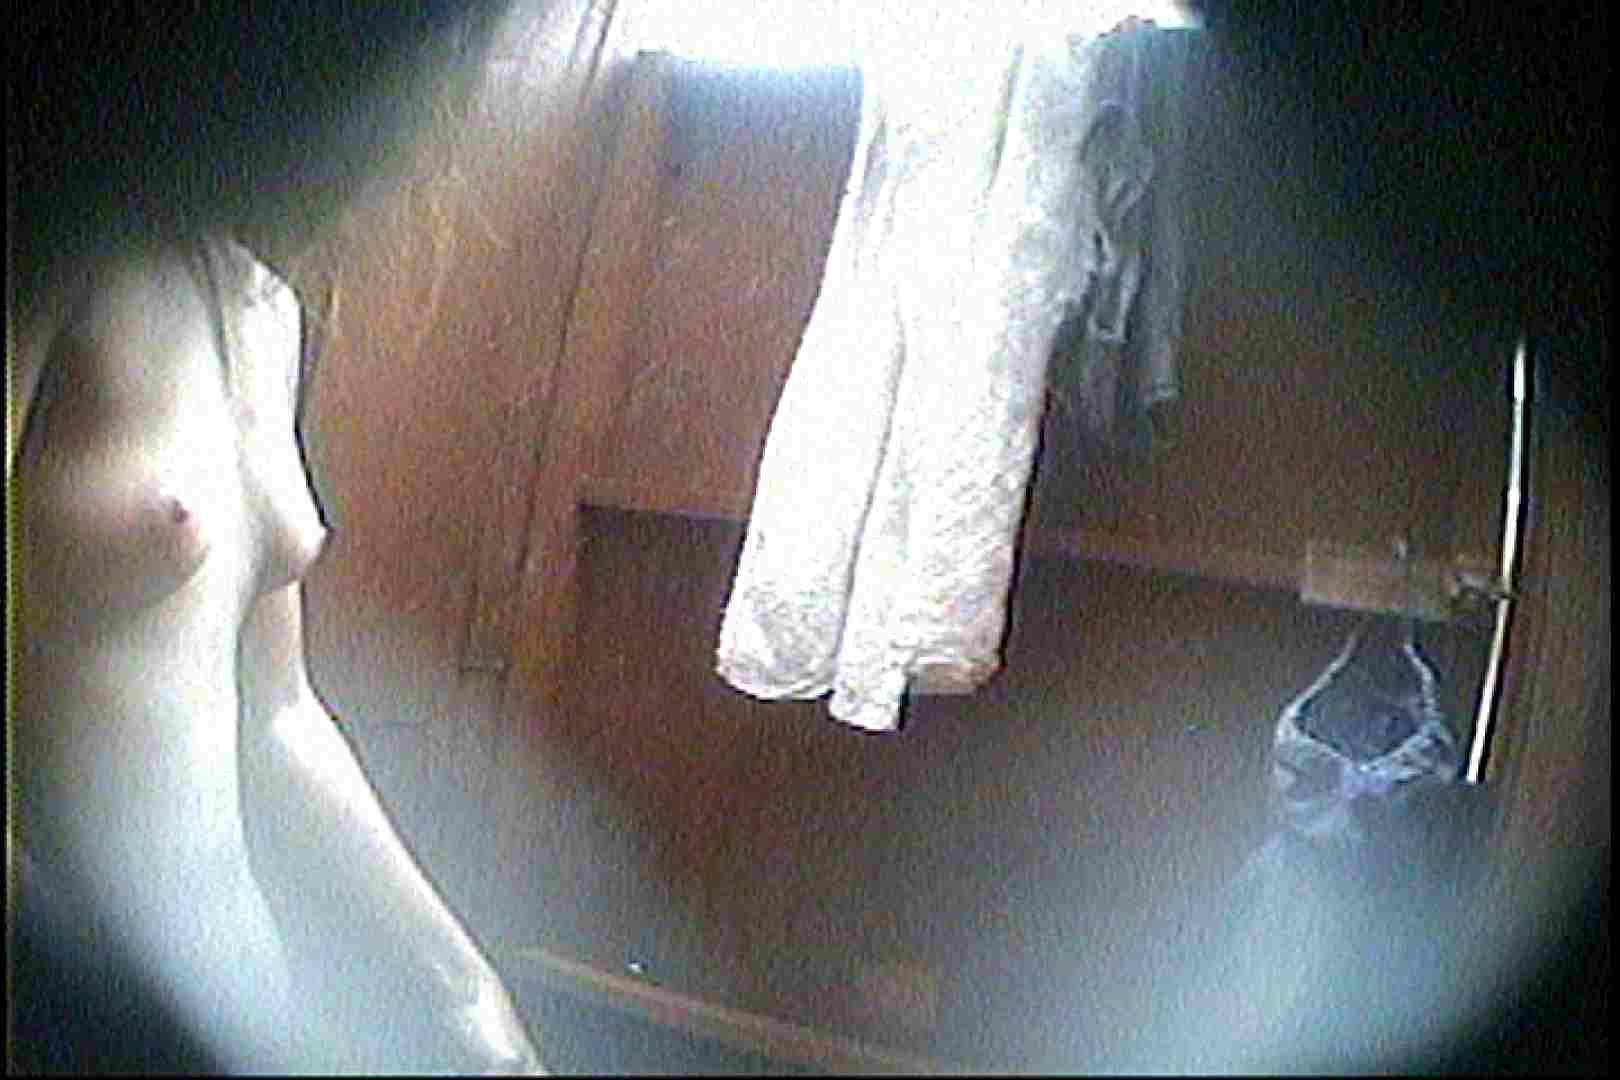 海の家の更衣室 Vol.27 高画質動画 エロ無料画像 70画像 66